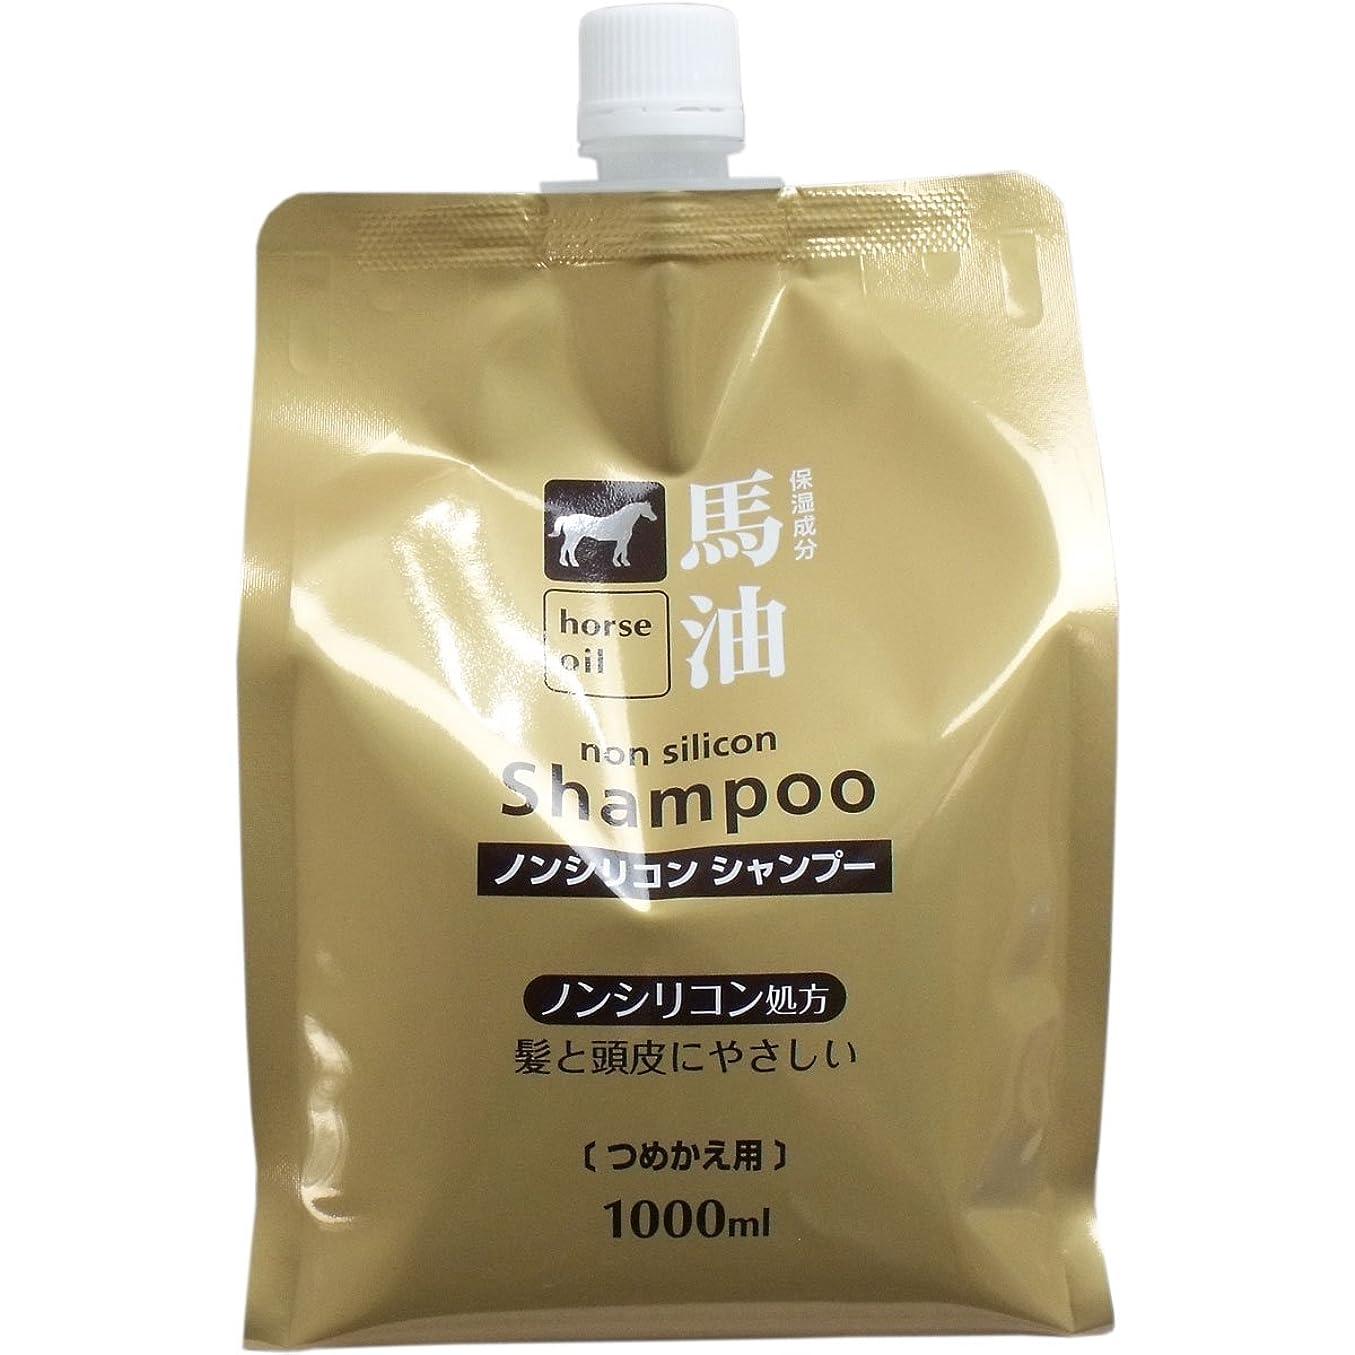 コードレス重力広大な熊野油脂 馬油シャンプー 詰め替え用 1000ml×2セット 【 × 3個】